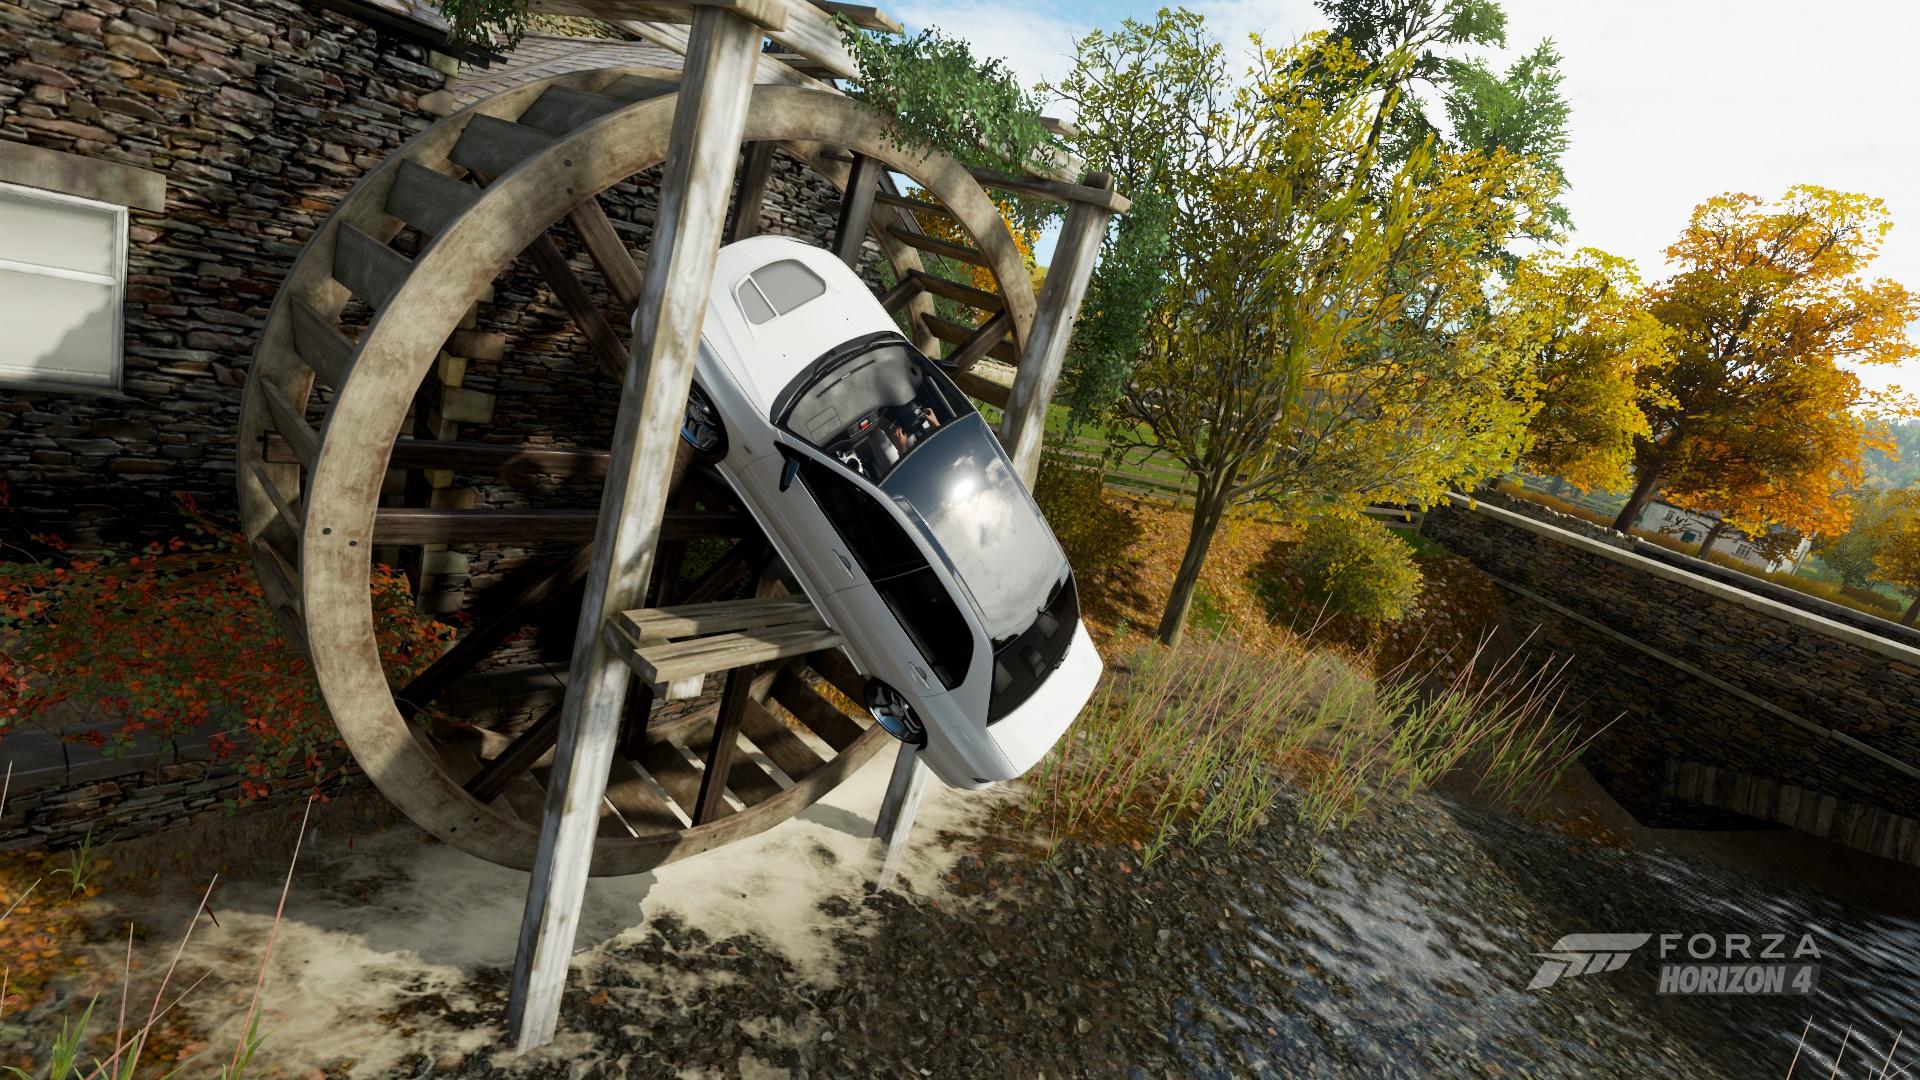 вапрыпрывап.jpg - Forza Horizon 4